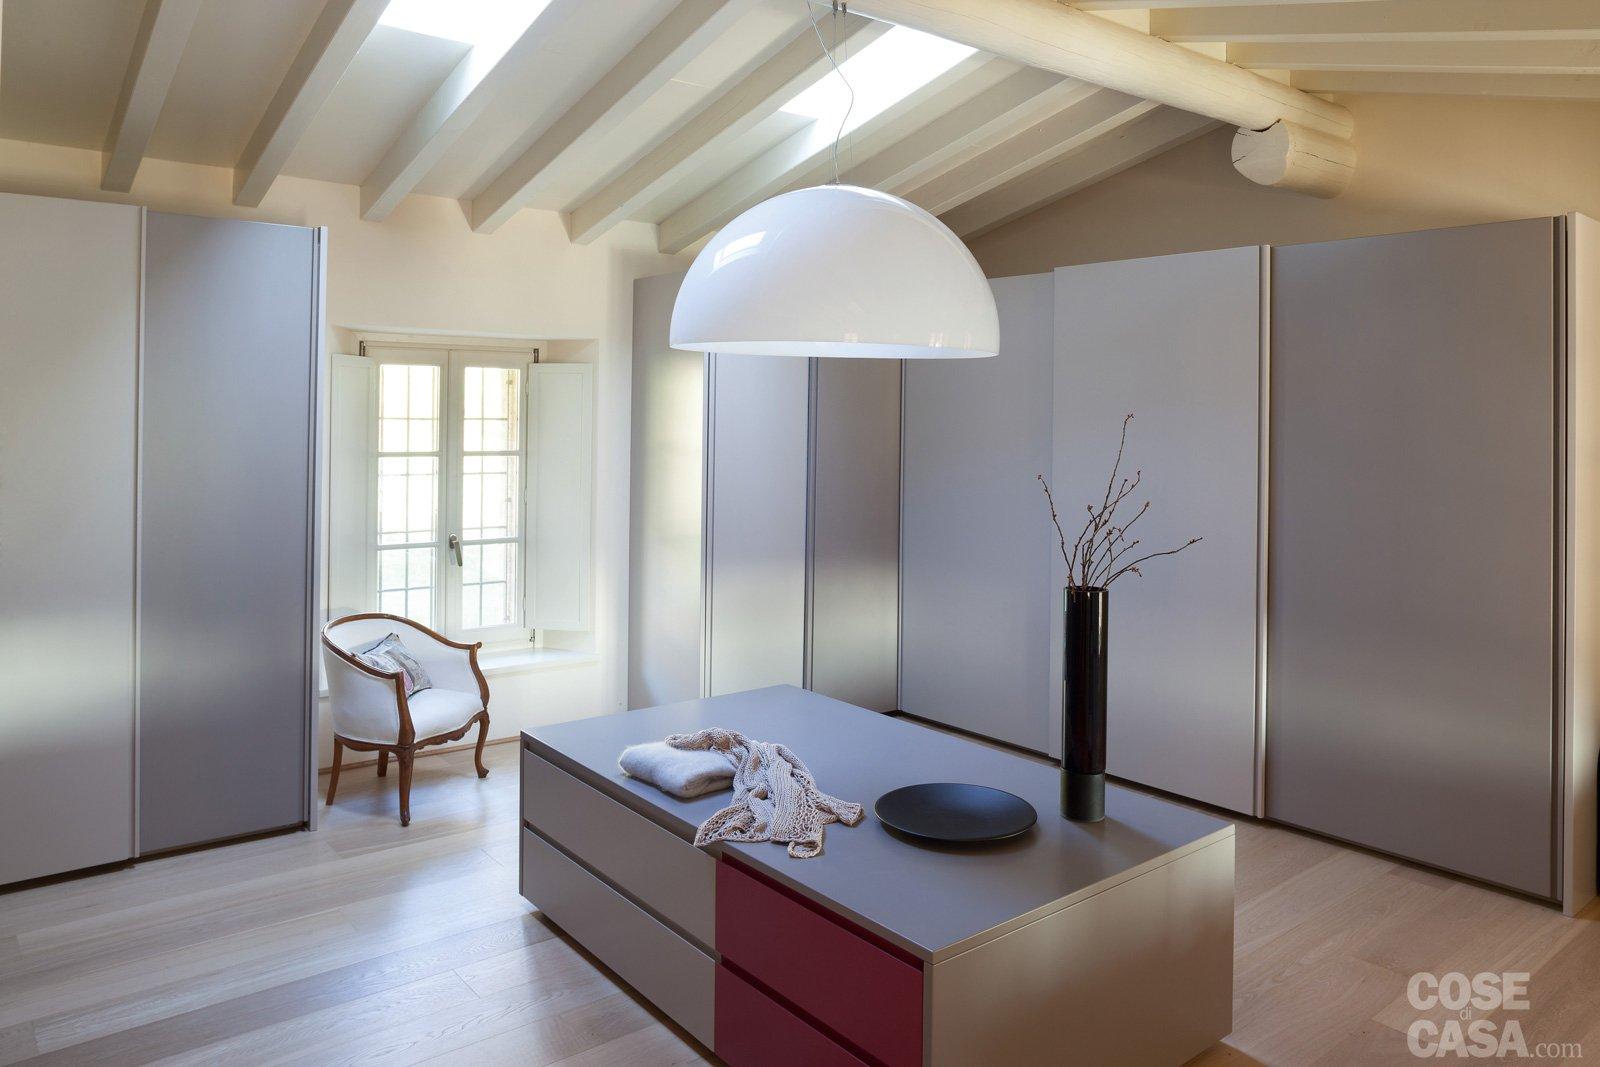 Garage Design Una Casa Con Ambienti Moderni A Sfondo Rustico Cose Di Casa